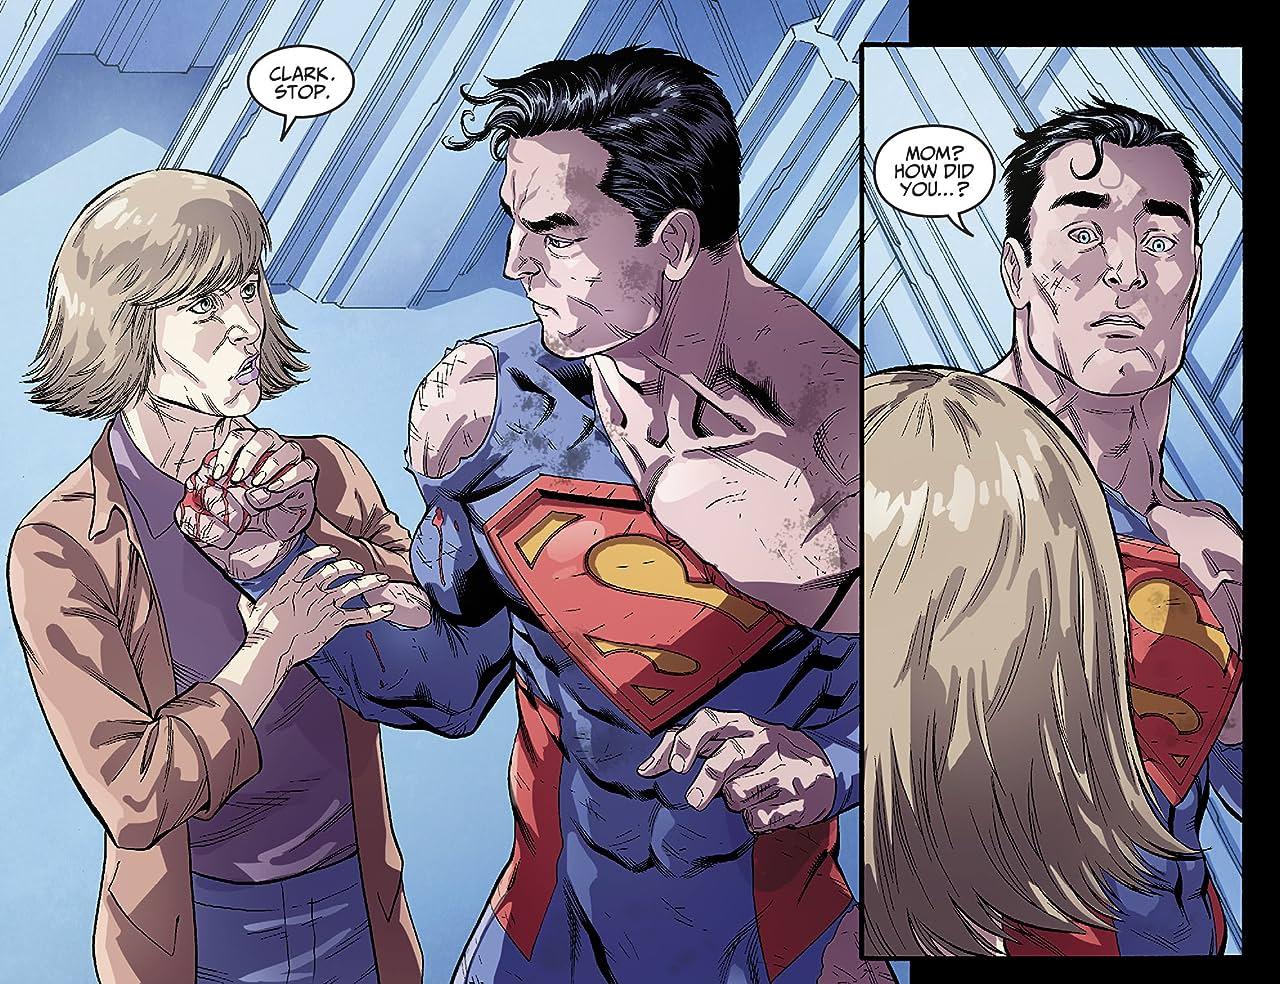 Injustice: Gods Among Us (2013) #34